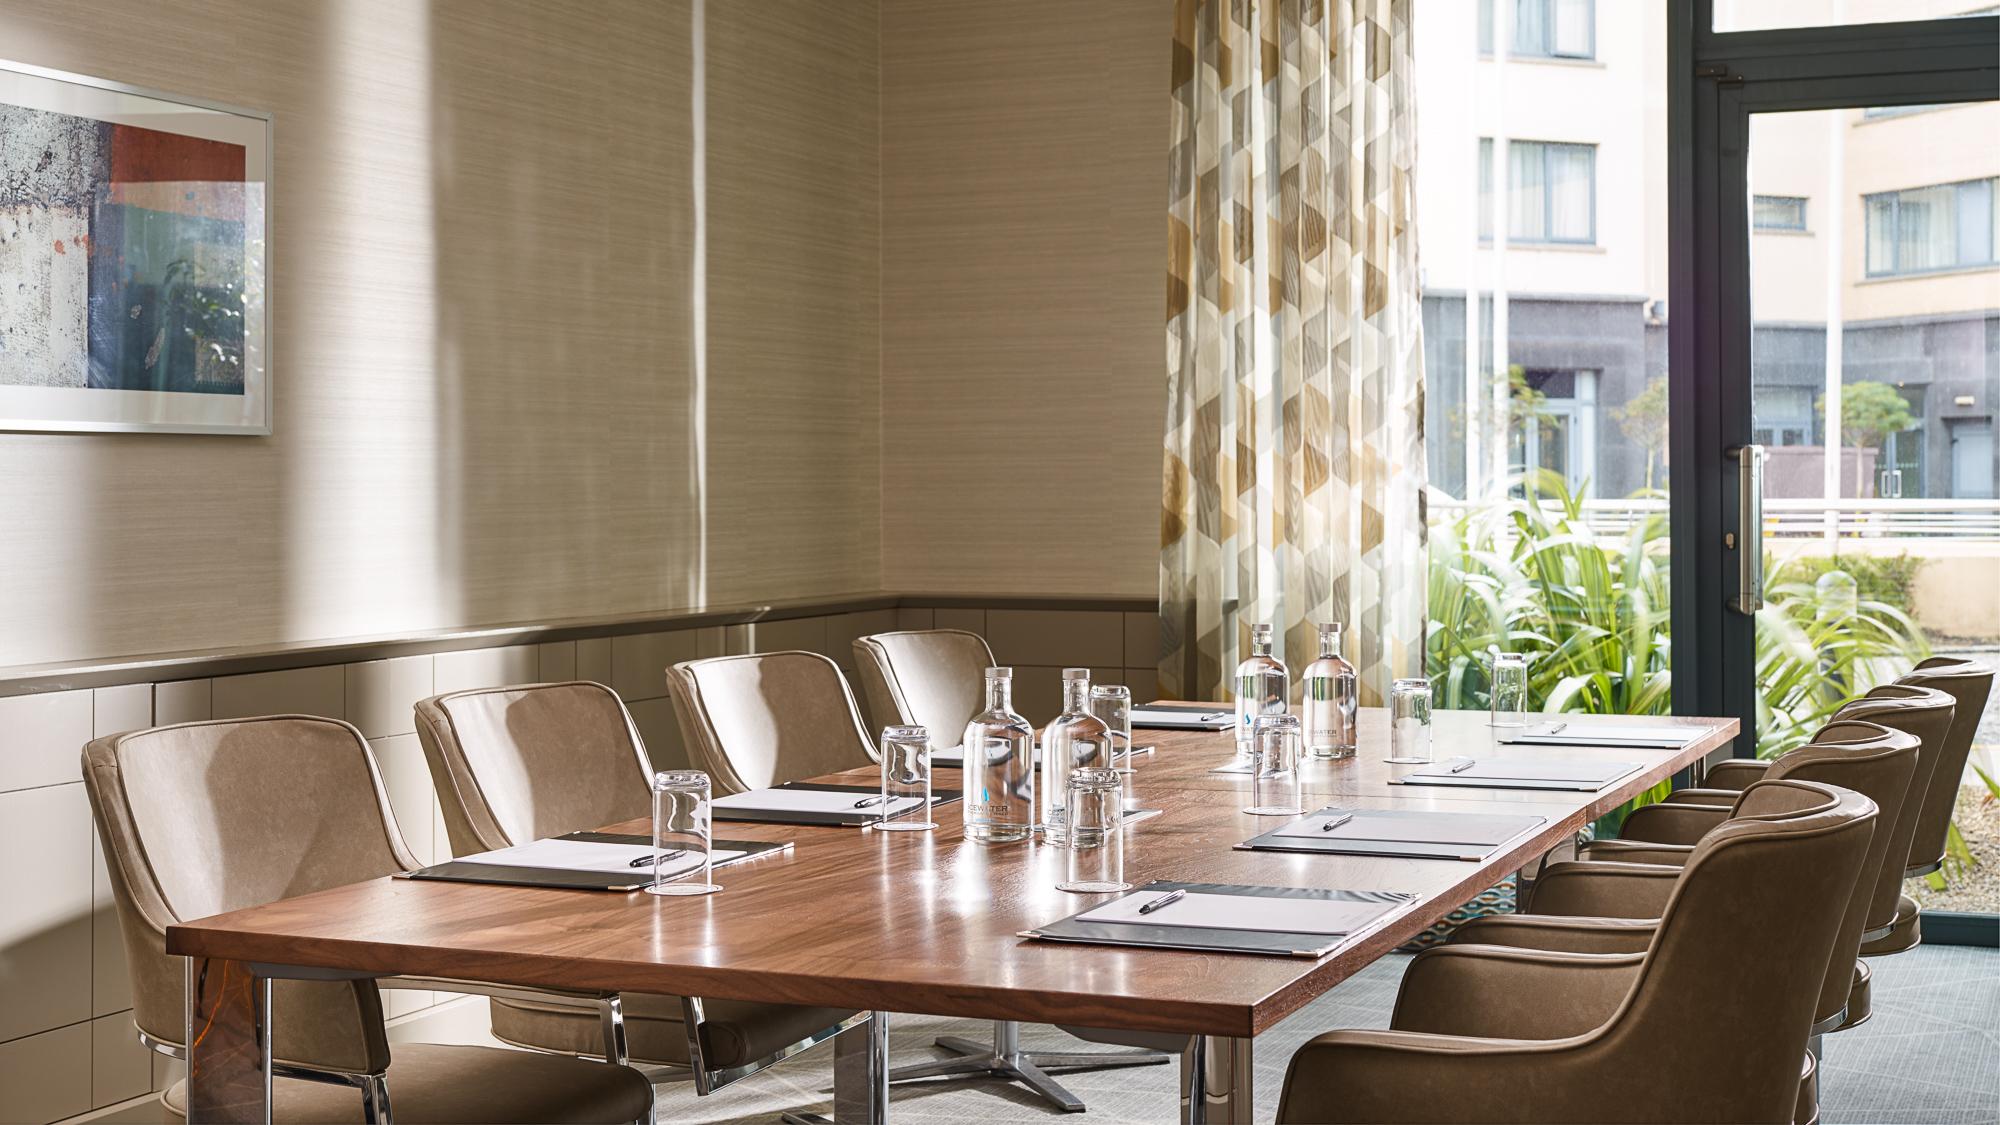 Meeting Room 2000px.jpg